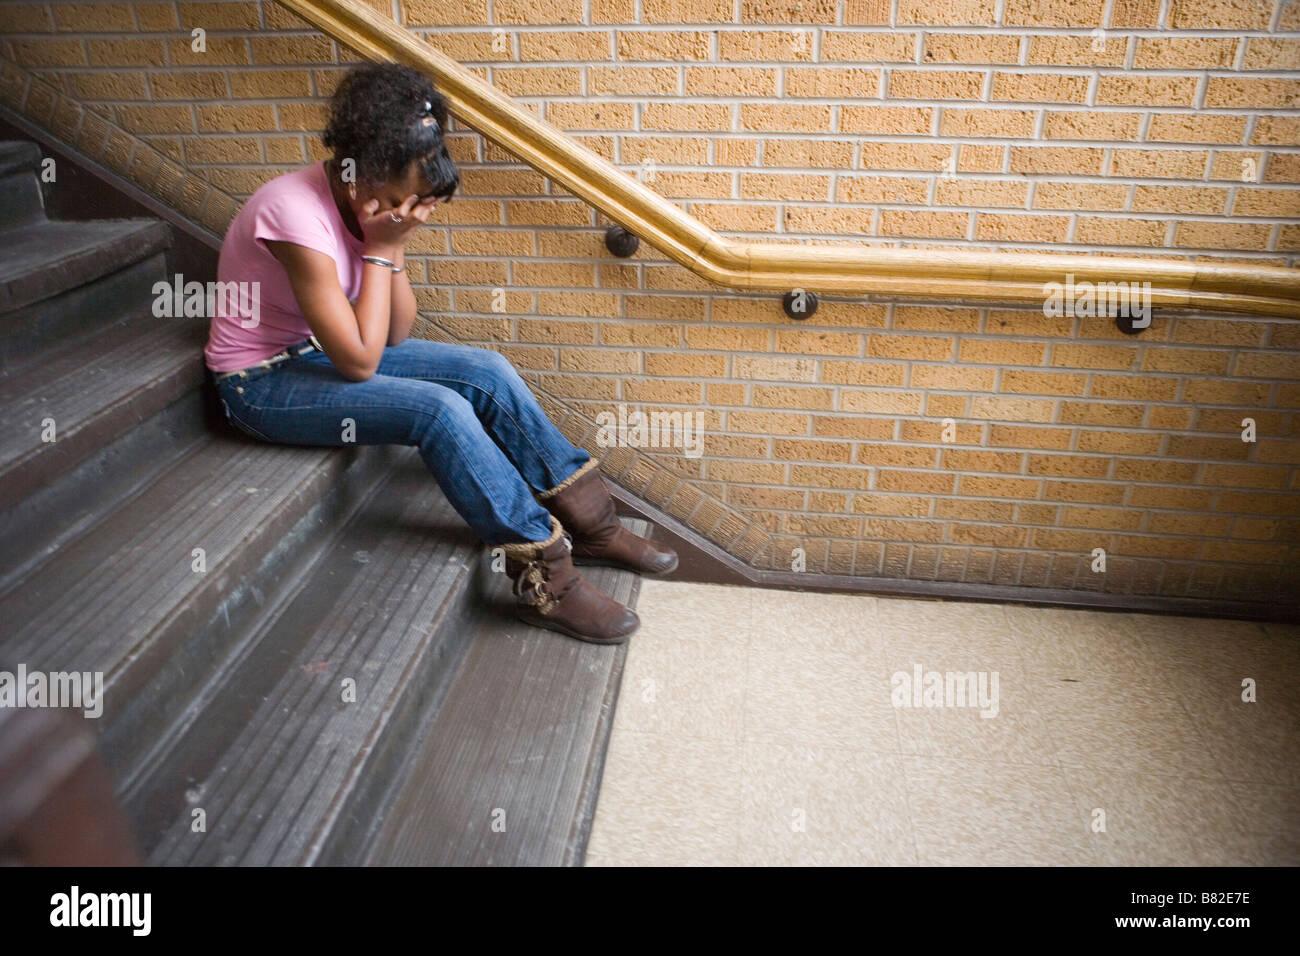 Adolescente americano africano ragazza piange sulla scalinata a scuola, udienza del passo Immagini Stock